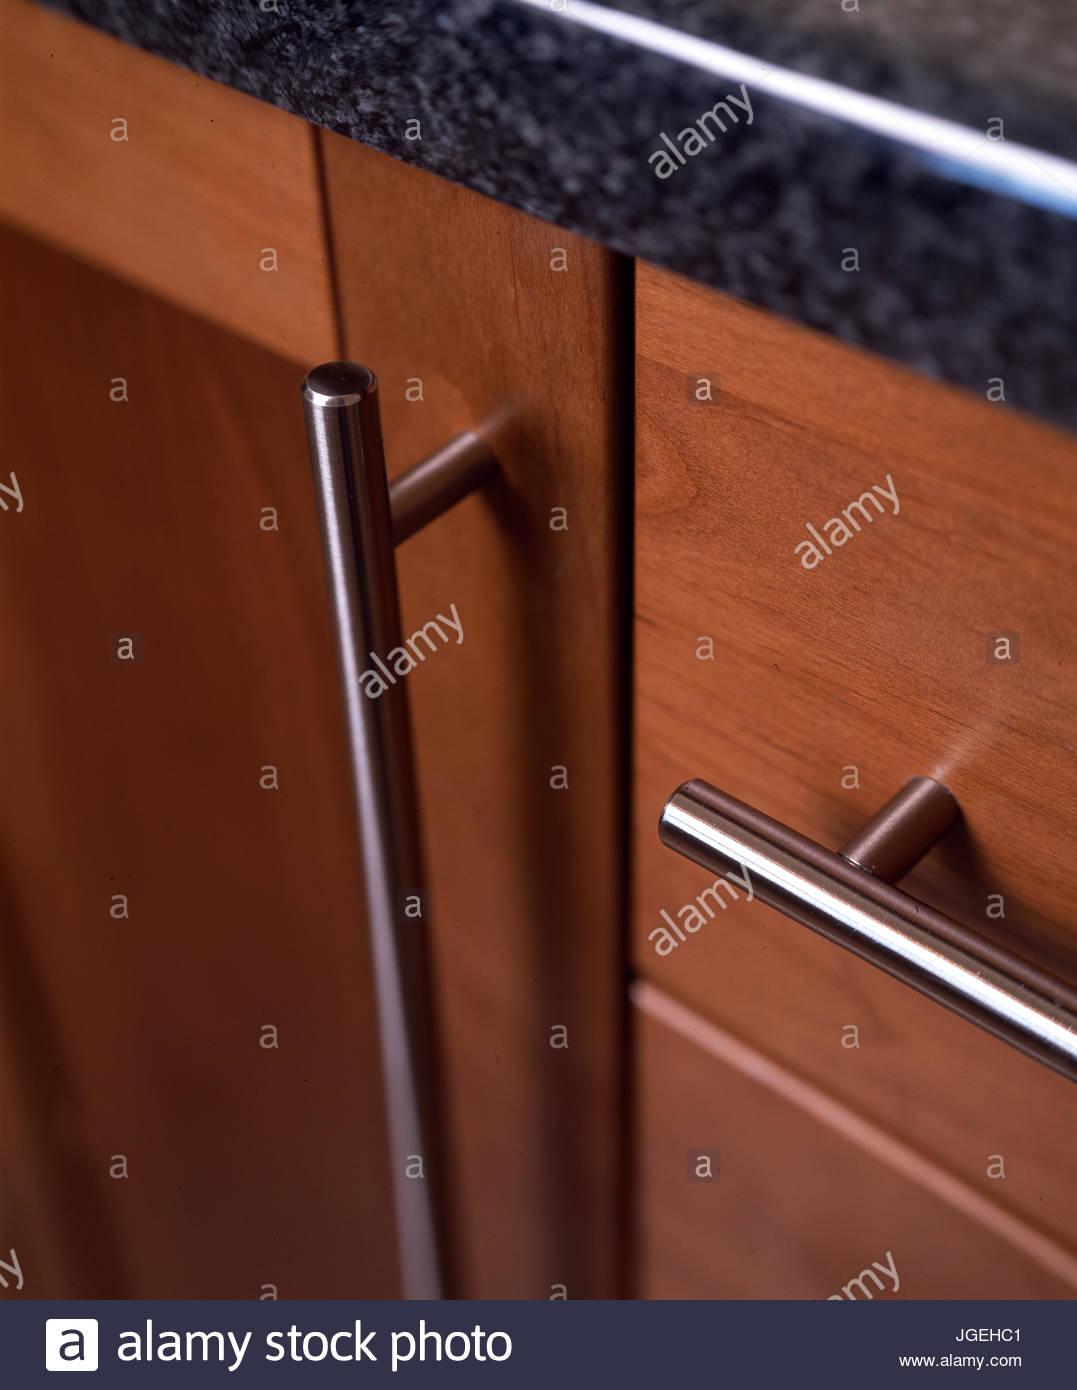 Full Size of Küchenschrank Griffe Nahaufnahme Der Kchenschrank Mit Aus Rostfreiem Stahl Küche Möbelgriffe Wohnzimmer Küchenschrank Griffe